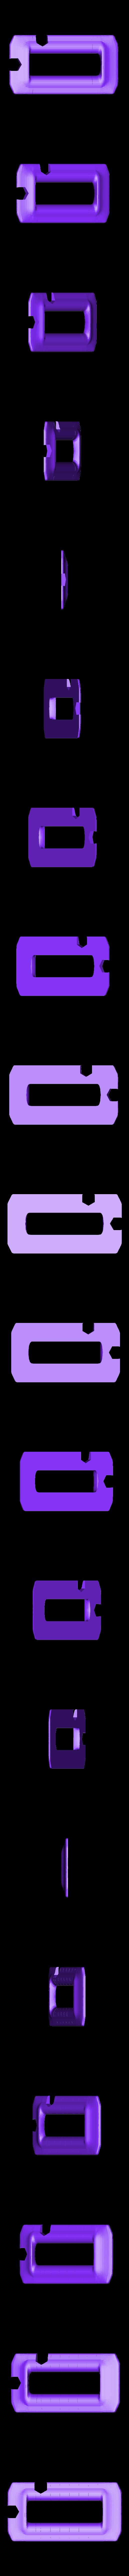 half_inch_wrench.stl Télécharger fichier STL gratuit Clé paramétrique multidirectionnelle • Objet imprimable en 3D, aevafortinhi